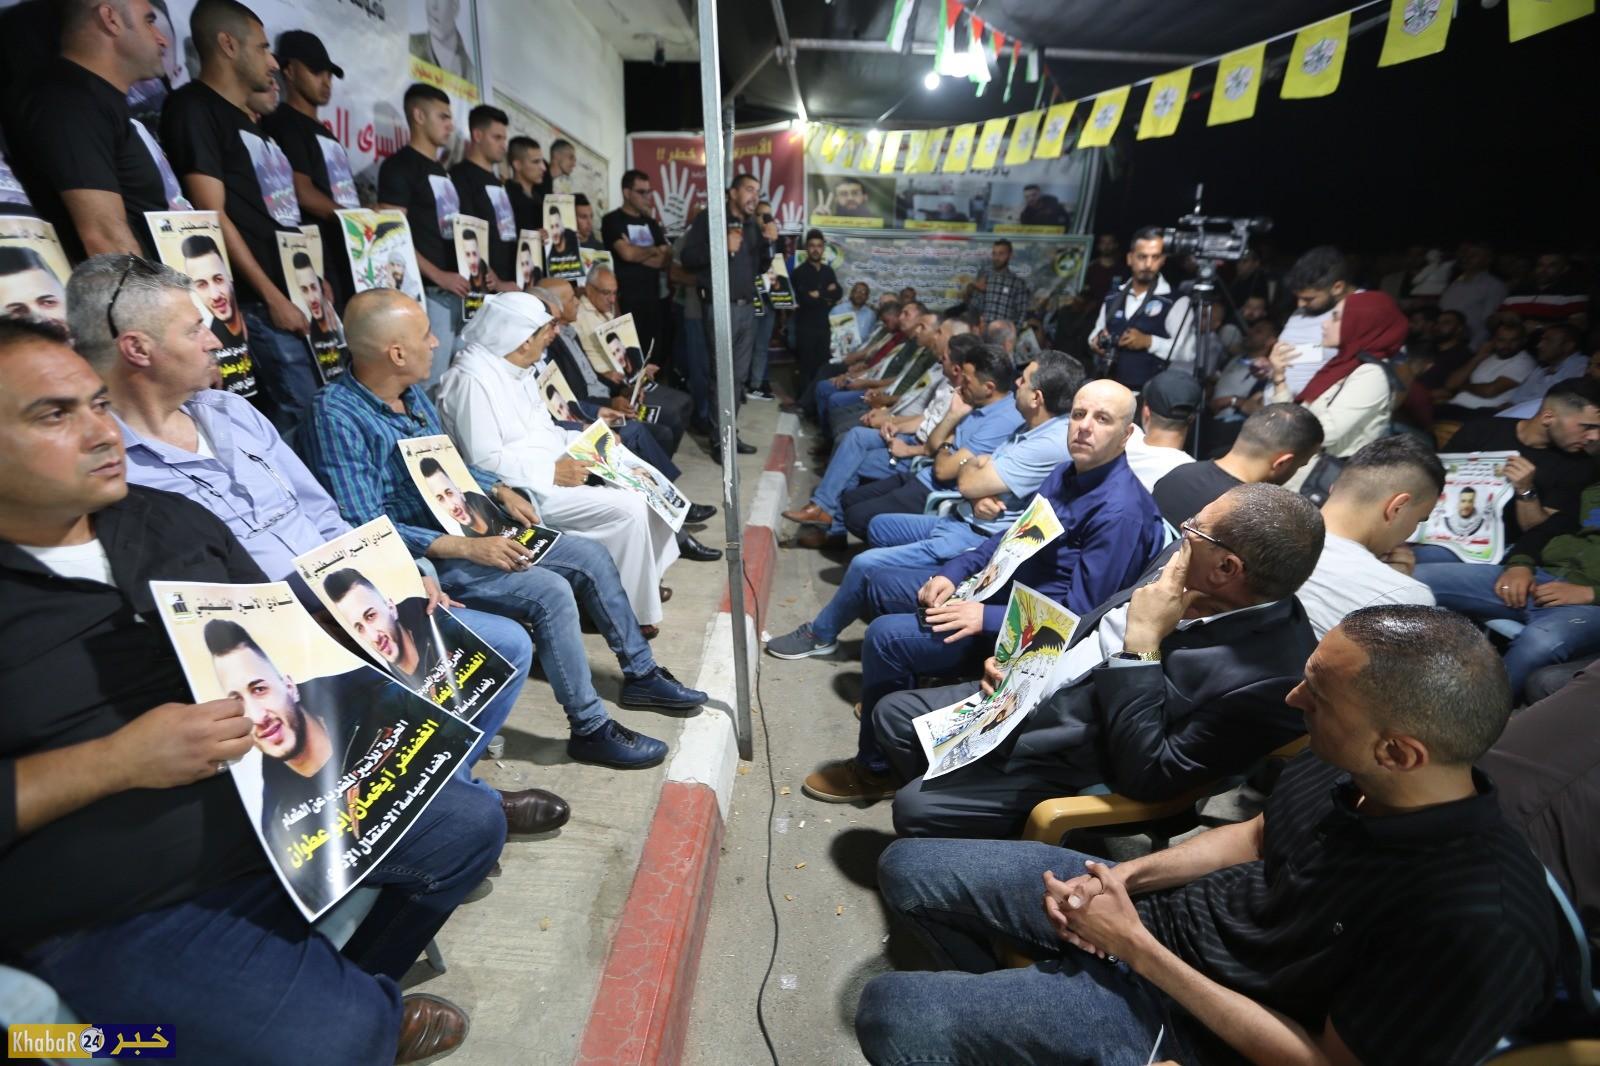 مئات المواطنين يشاركون في وقفة تضامن مع الاسير الغضنفر ابو عطوان المضرب عن الطعام لليوم الـ 61